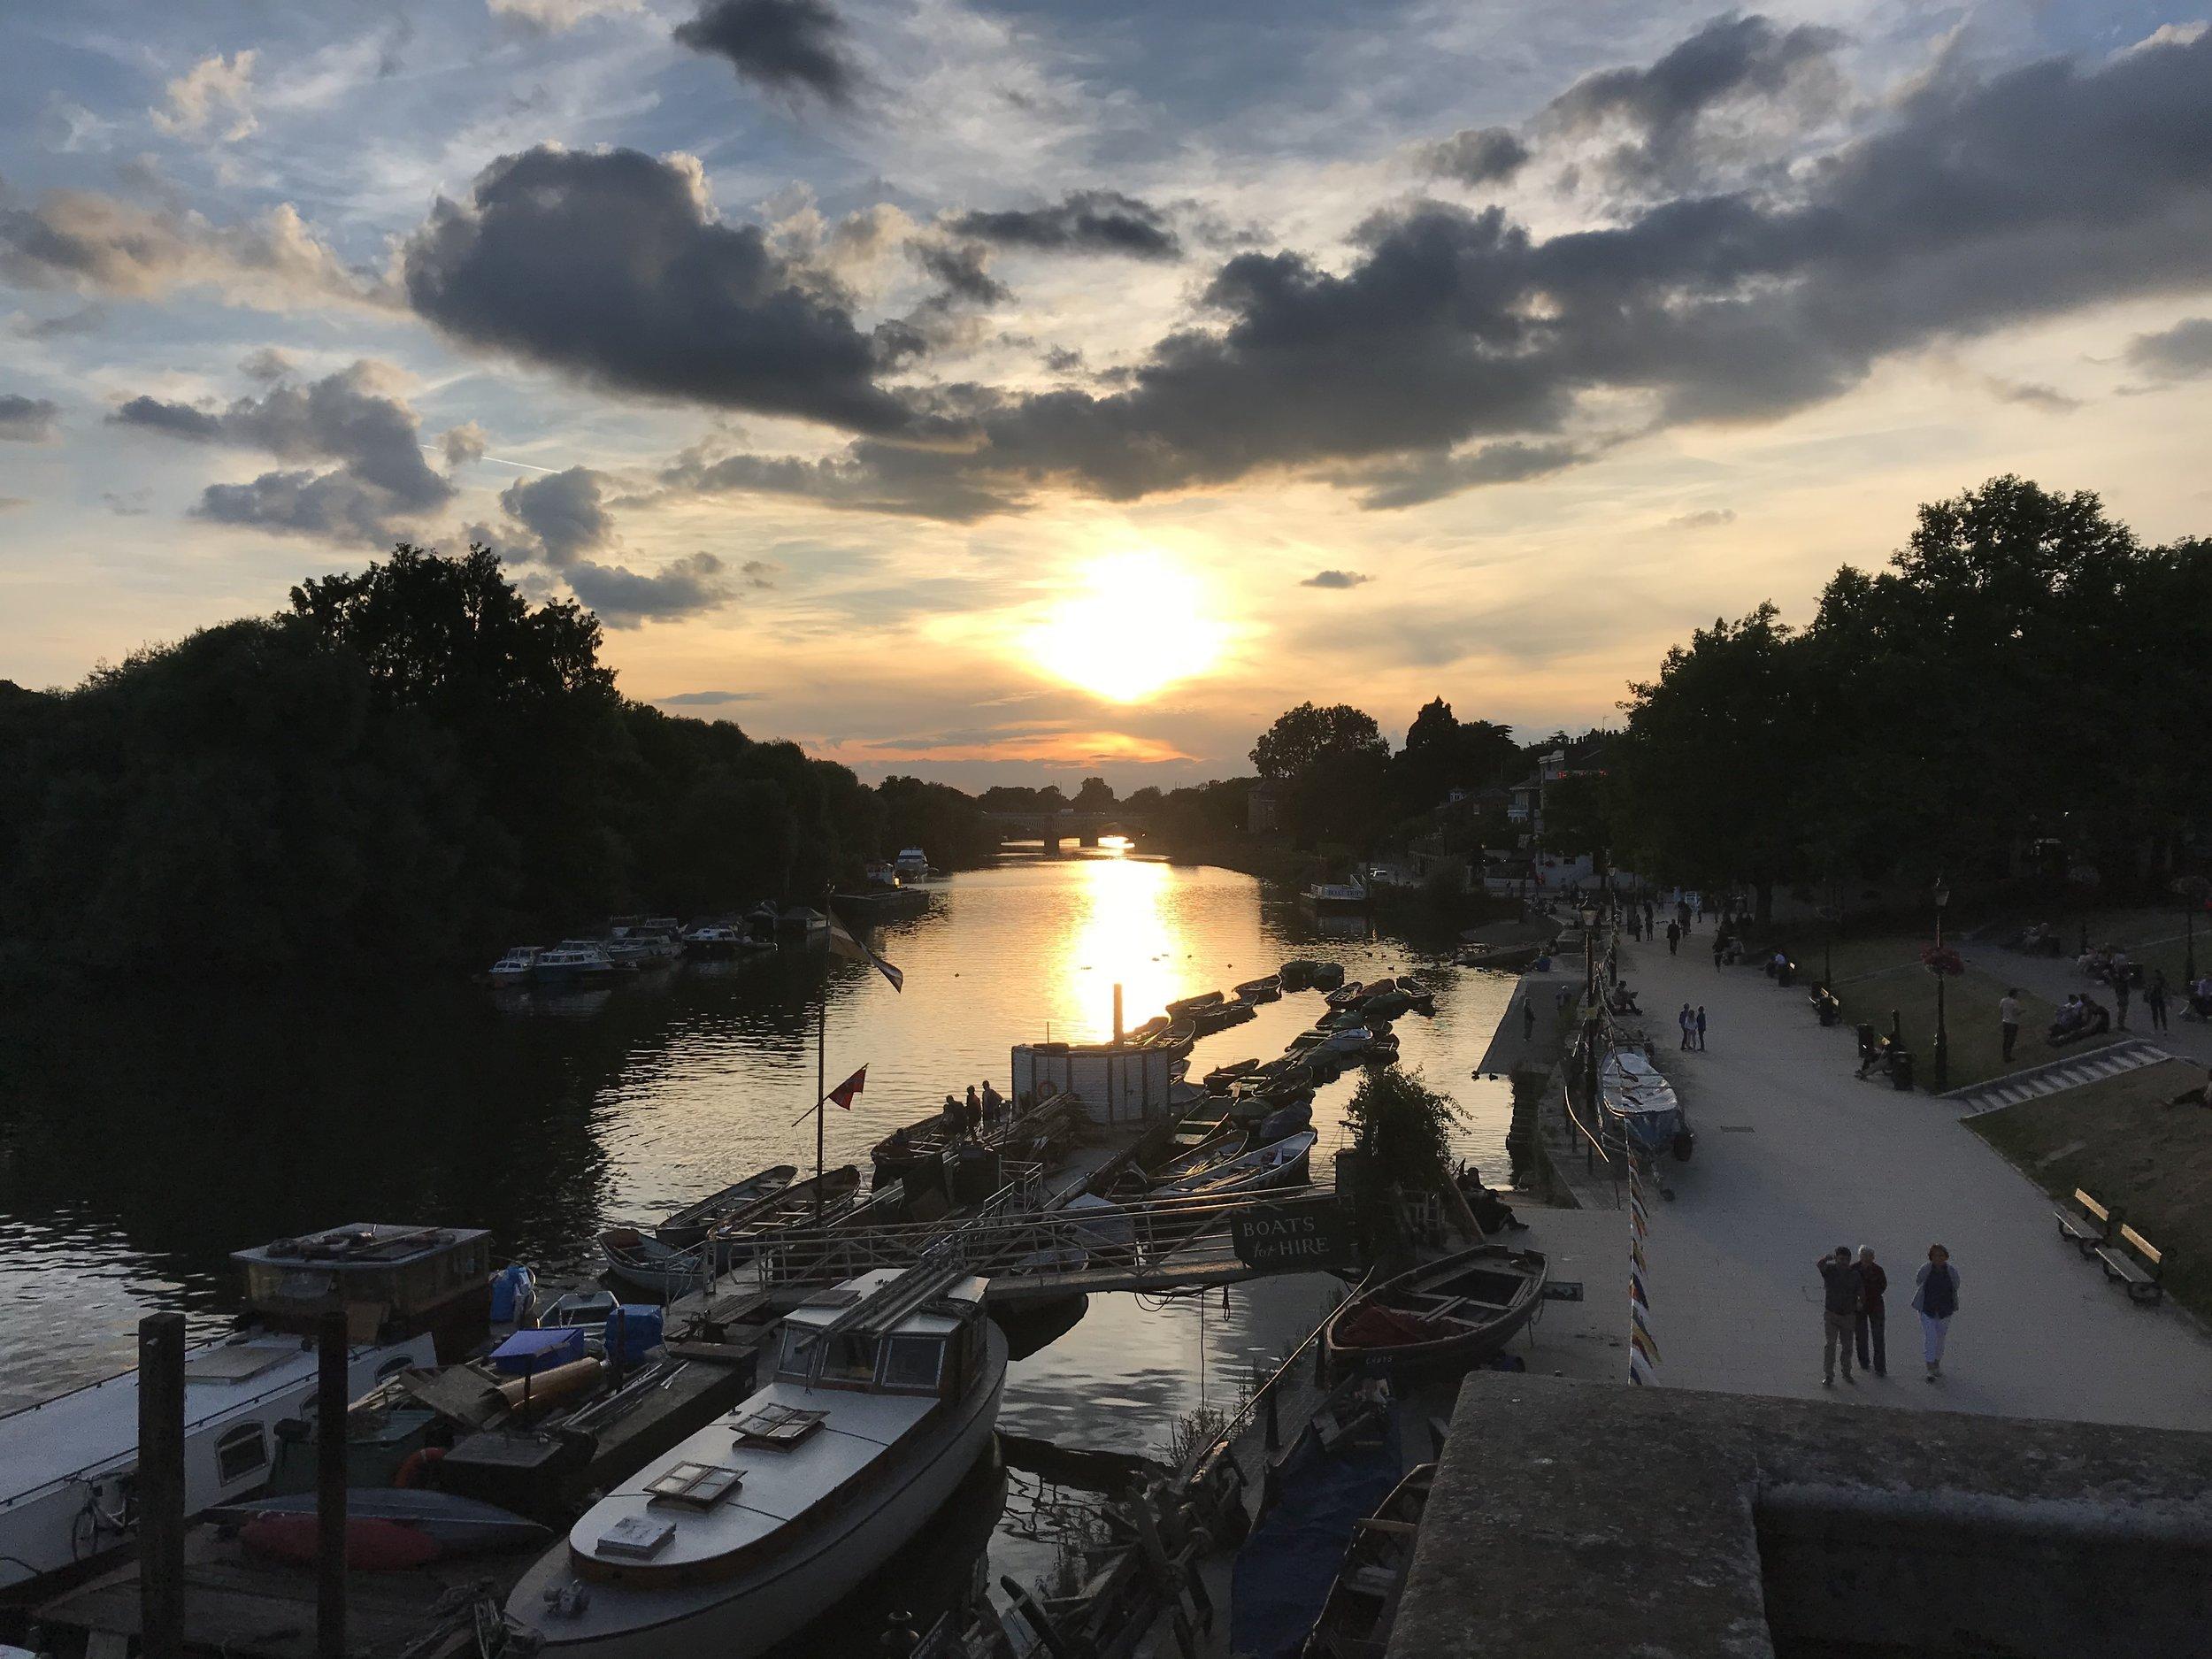 Thames river walk - Richmond, London